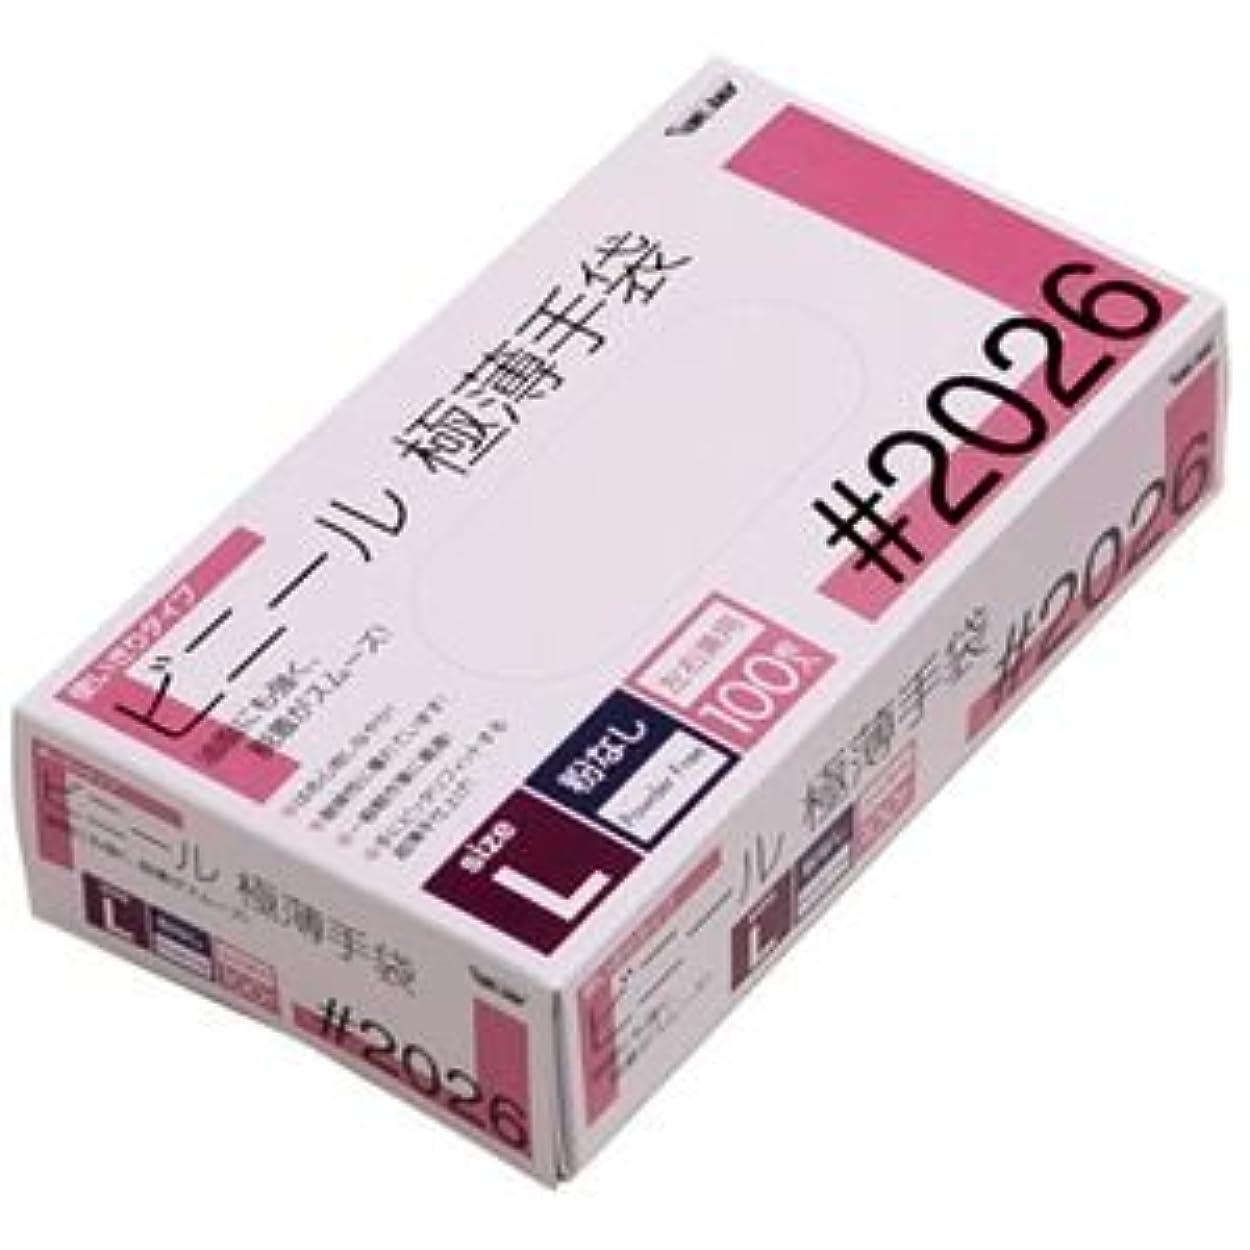 ロバ遠えハーフ川西工業 ビニール極薄手袋 粉なし L 20箱